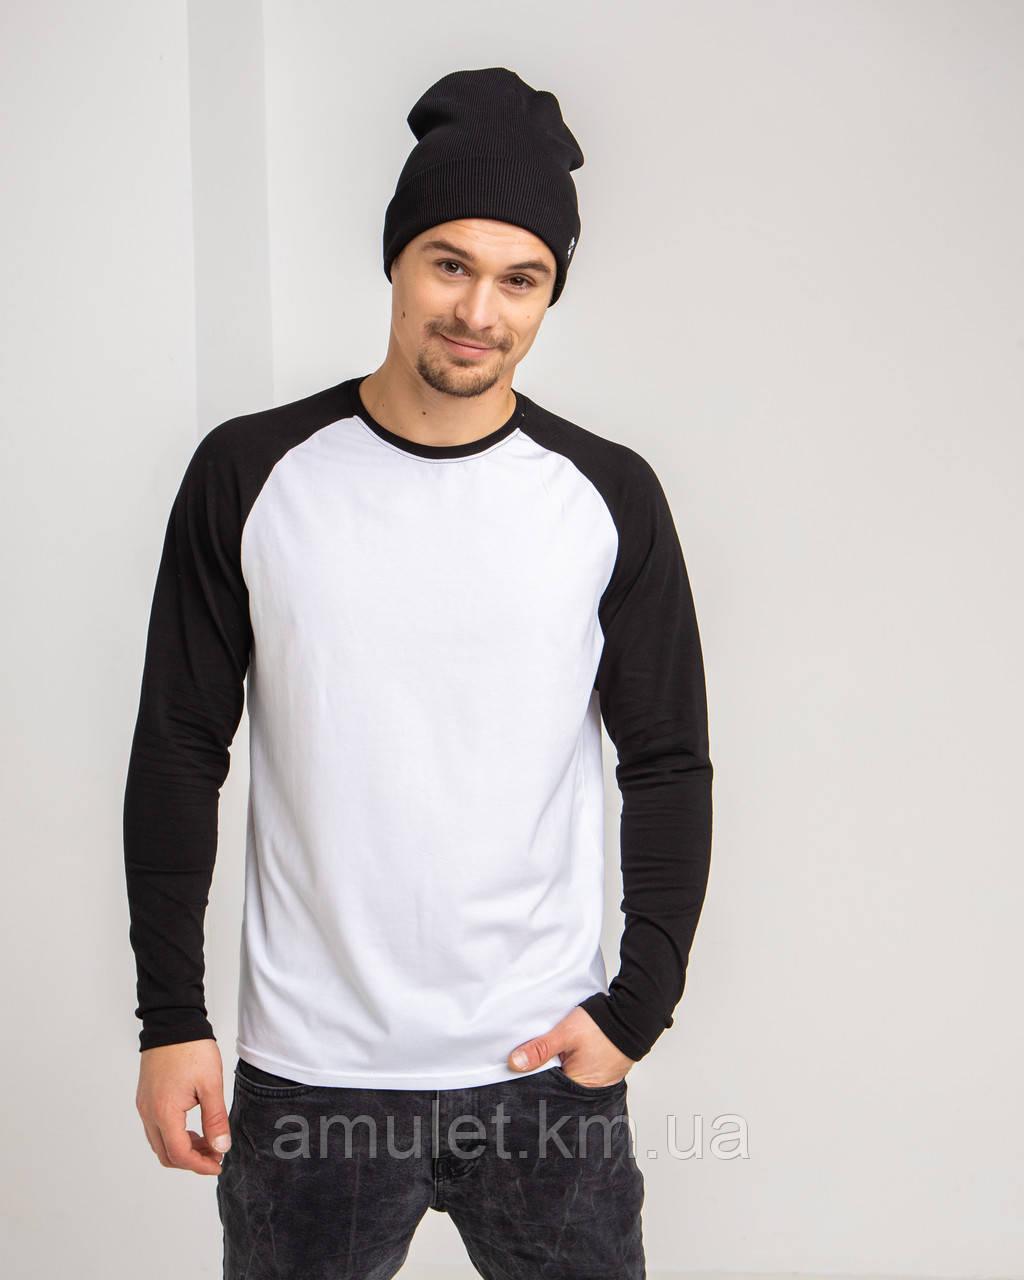 Футболка з довгим рукавом рукавом колір Premium Чорно-білий